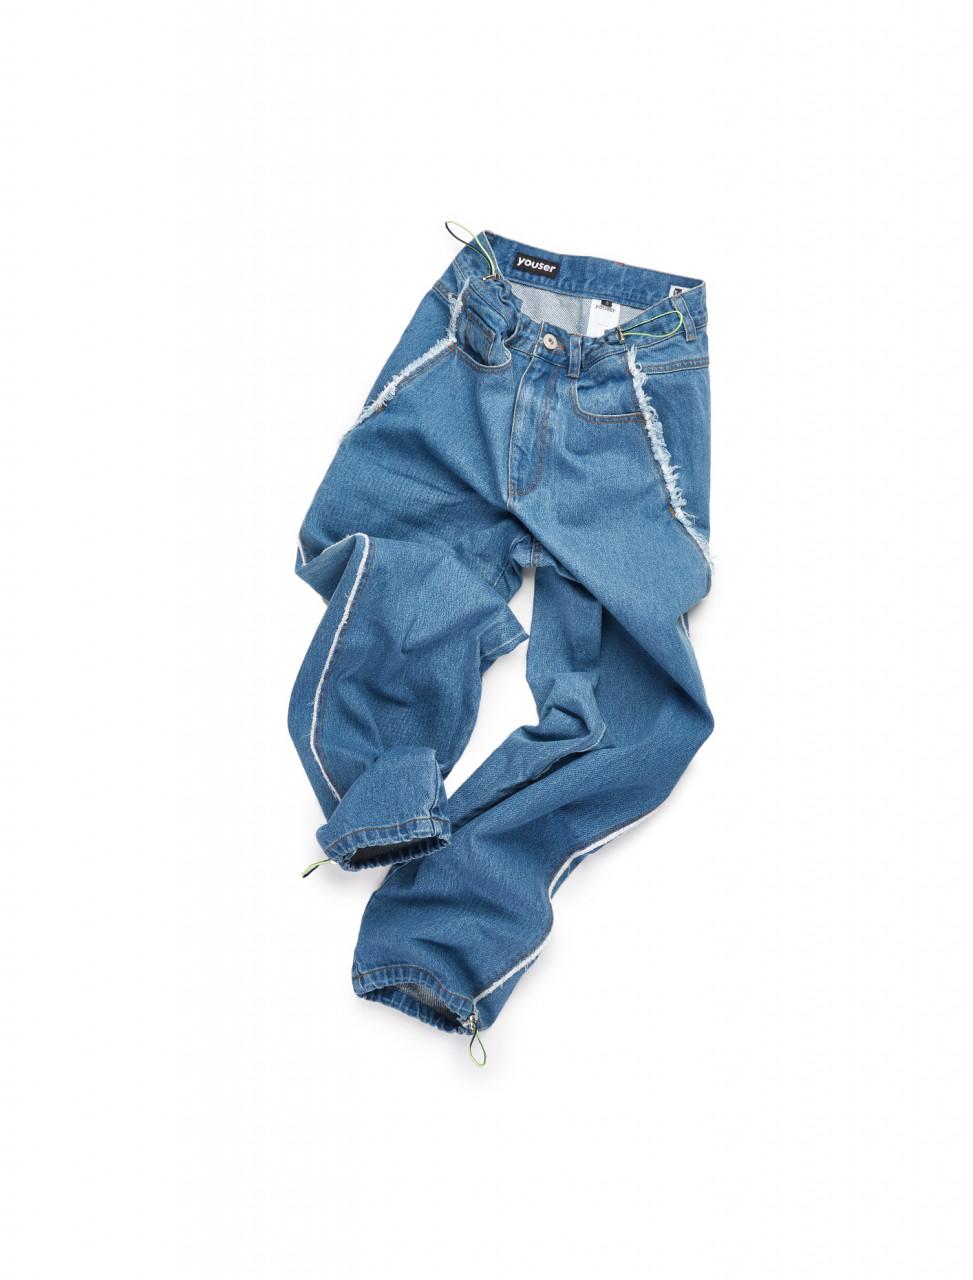 351-YS20FWPT010 YOUSER STRAP JEAN BLUE